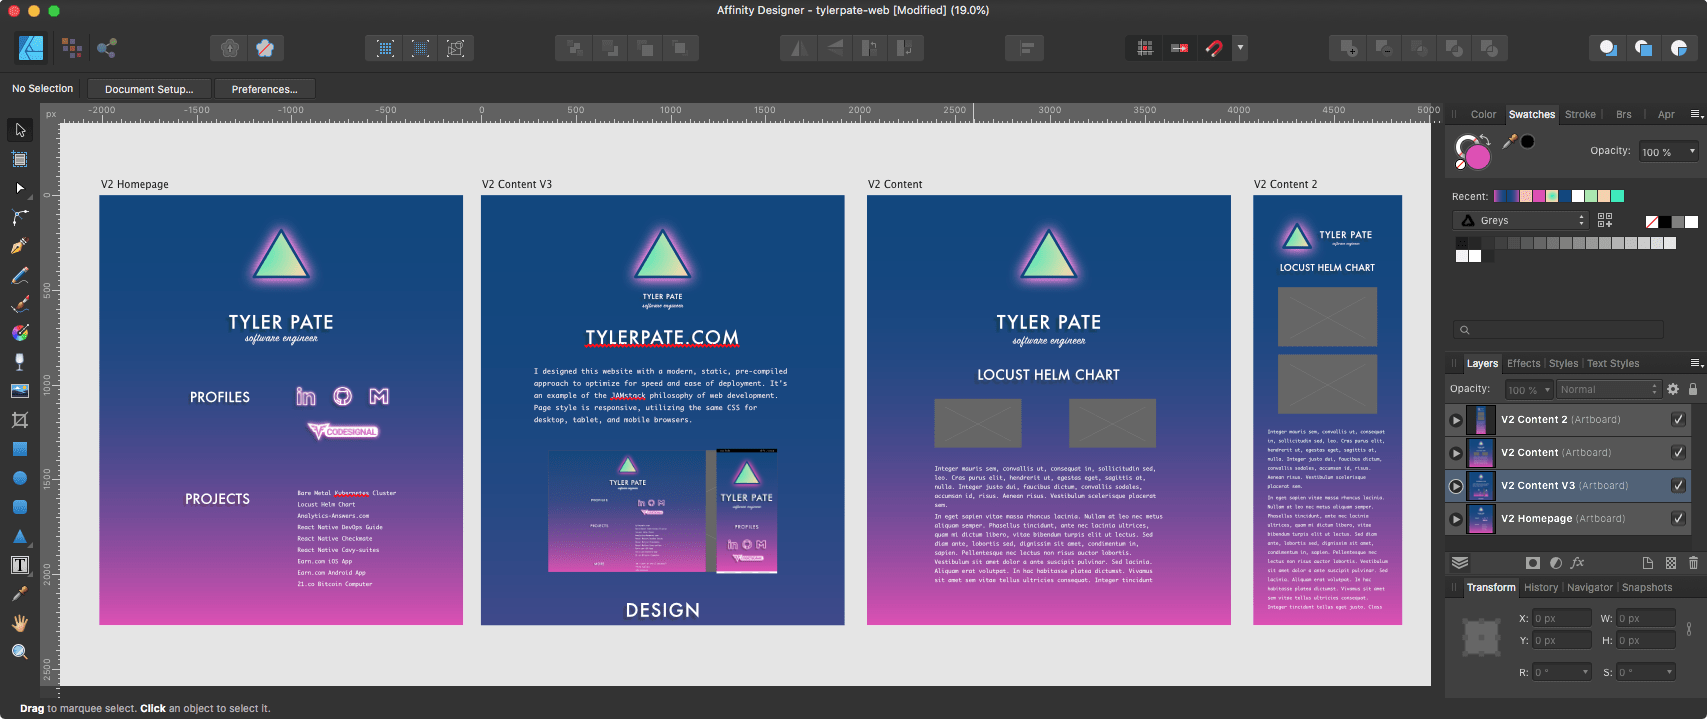 Affinity Designer Project